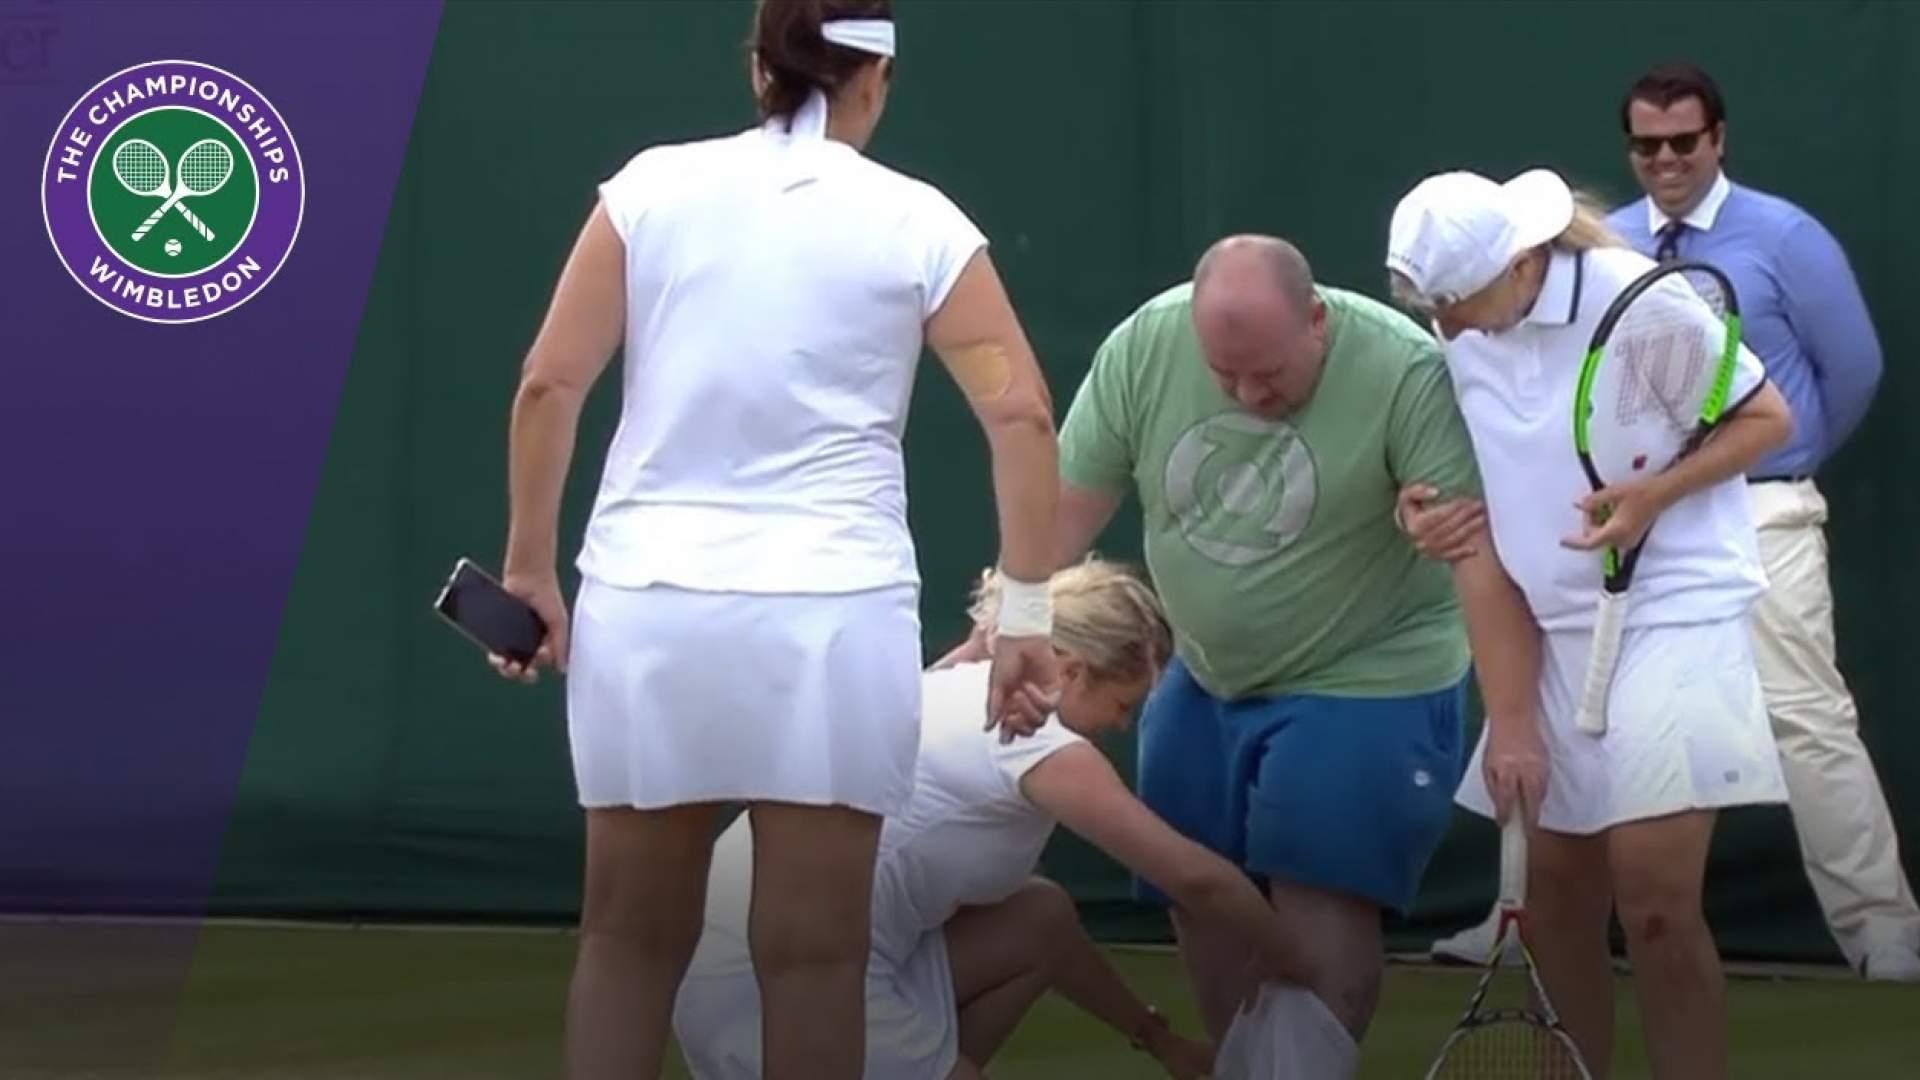 VIDEO: Die lustigsten Momente in Wimbledon - Tennis kann echt saulustig sein